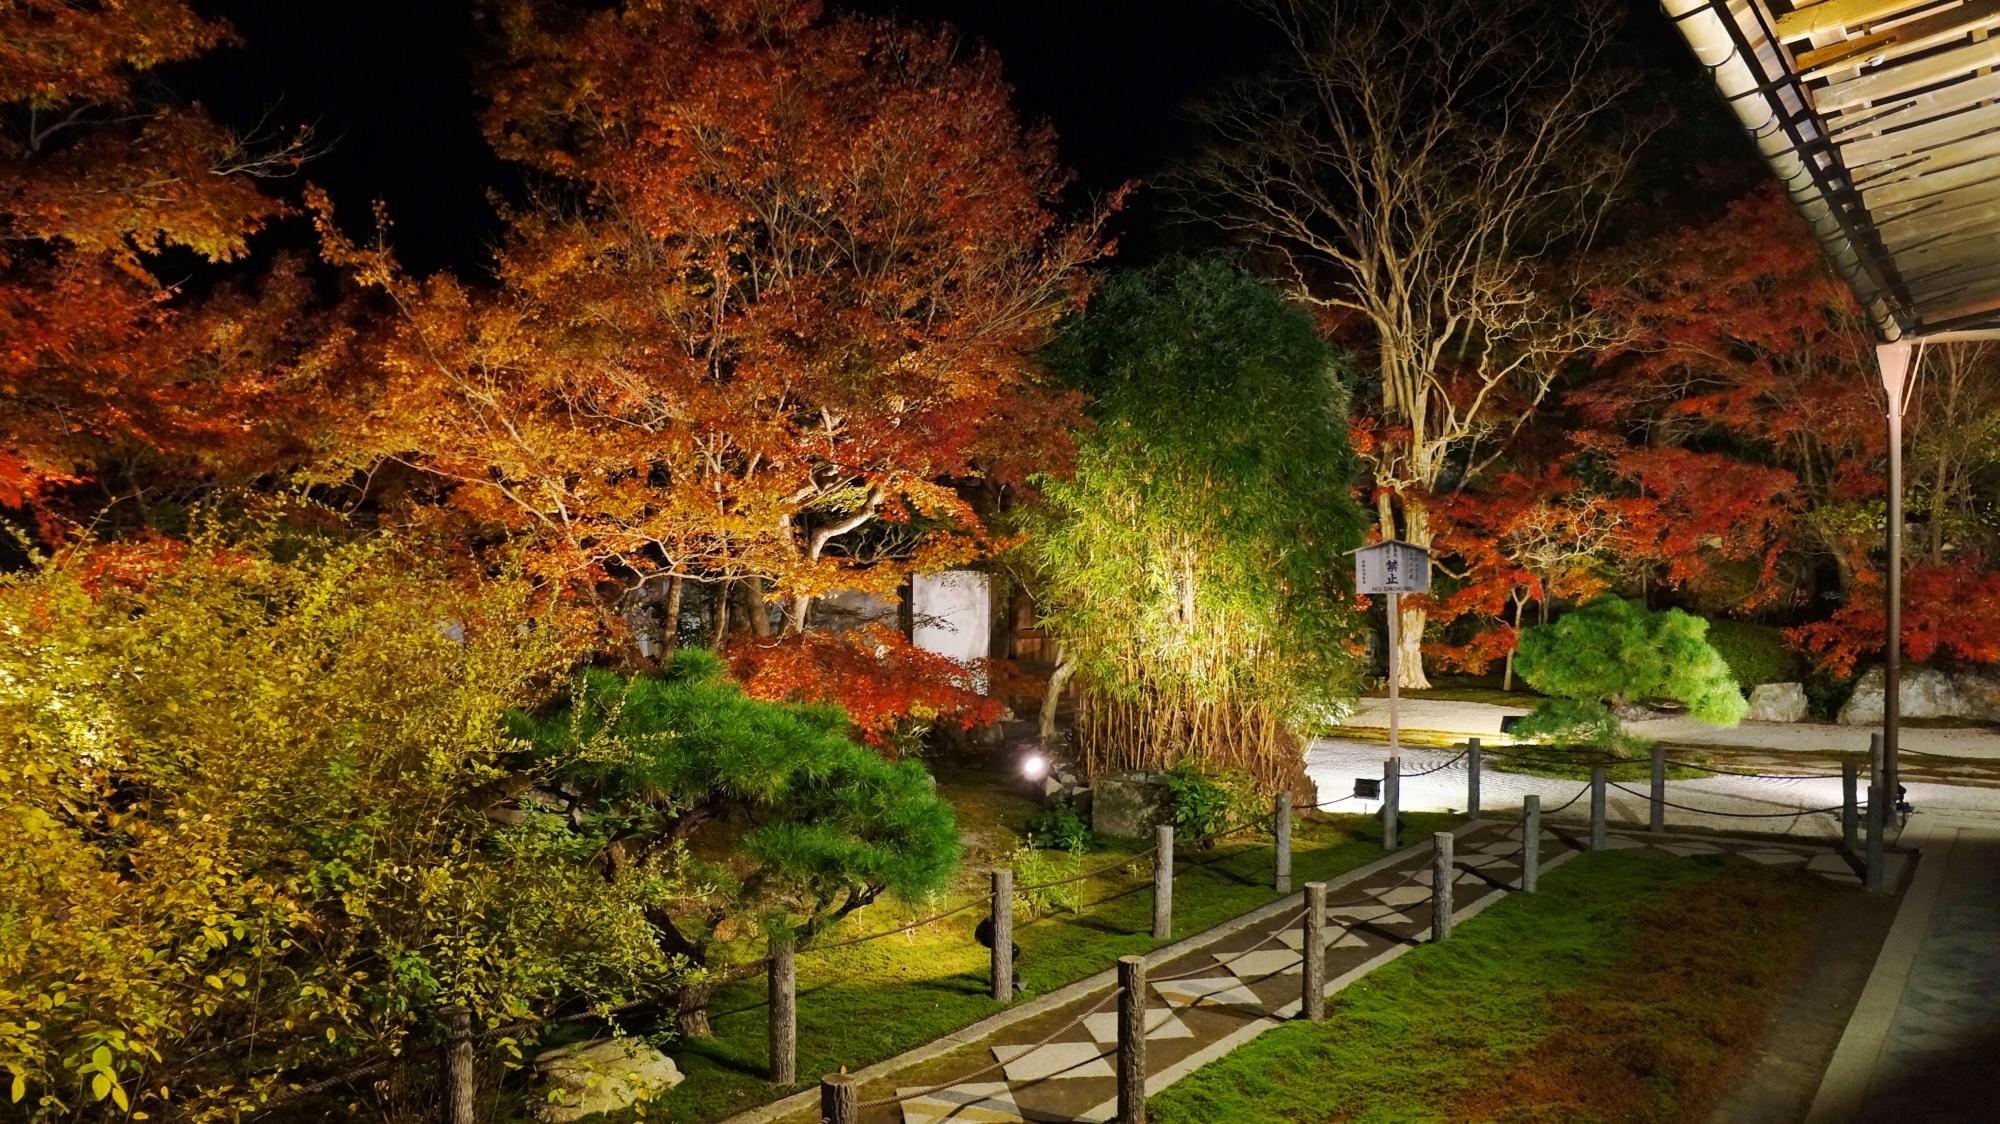 浮かび上がる多種多様な木々や植物の秋色